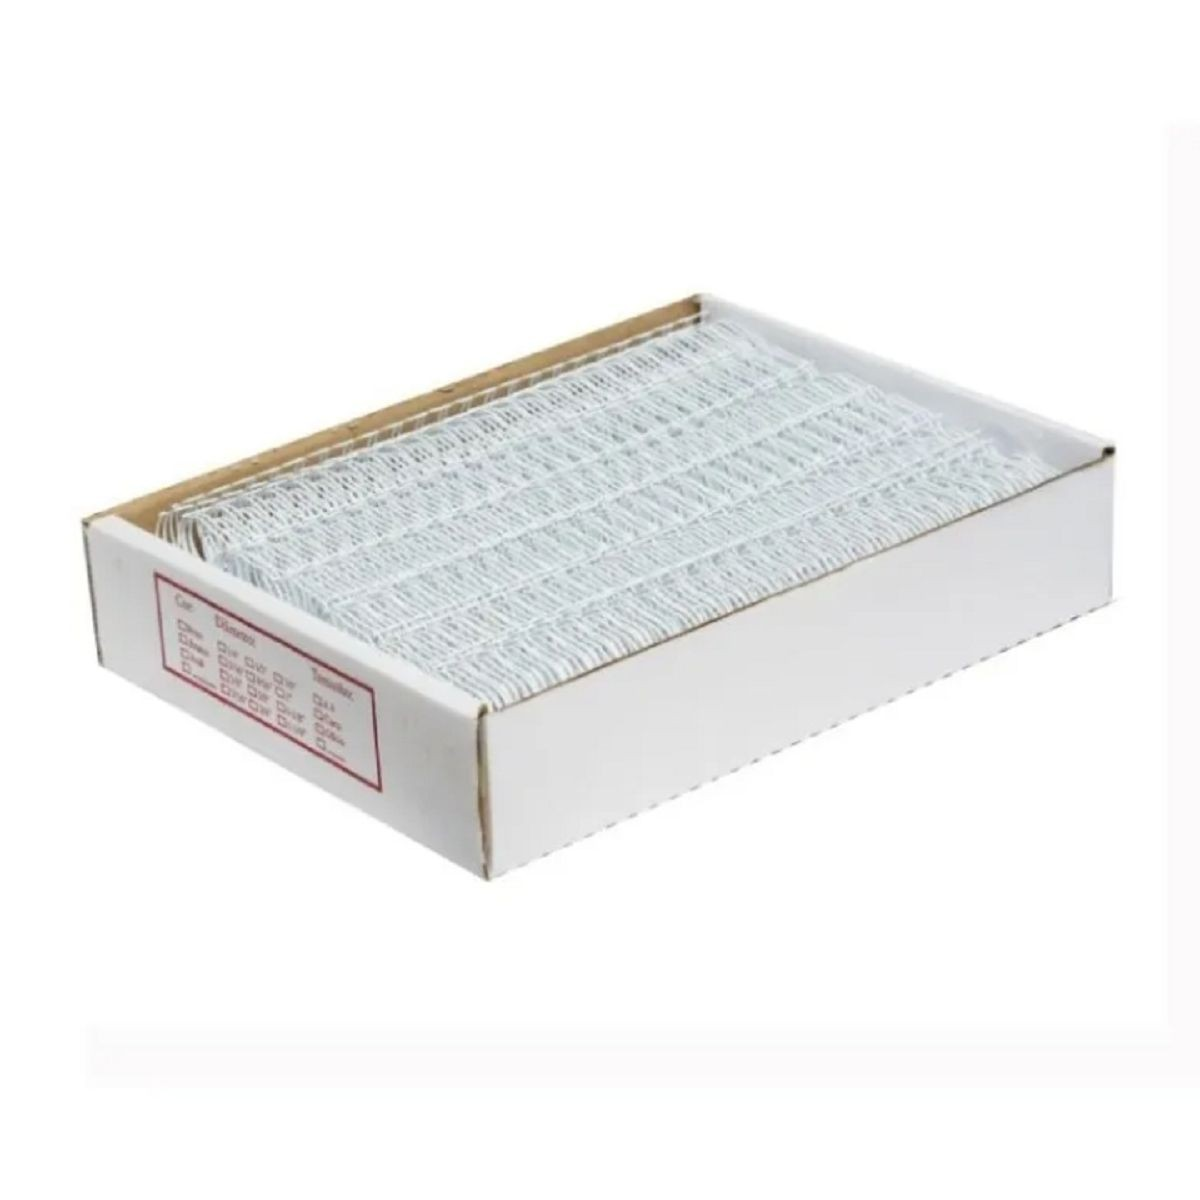 Kit 600 Garras Wire-o para Encadernação A4 Branco Passo 3x1  - Click Suprimentos